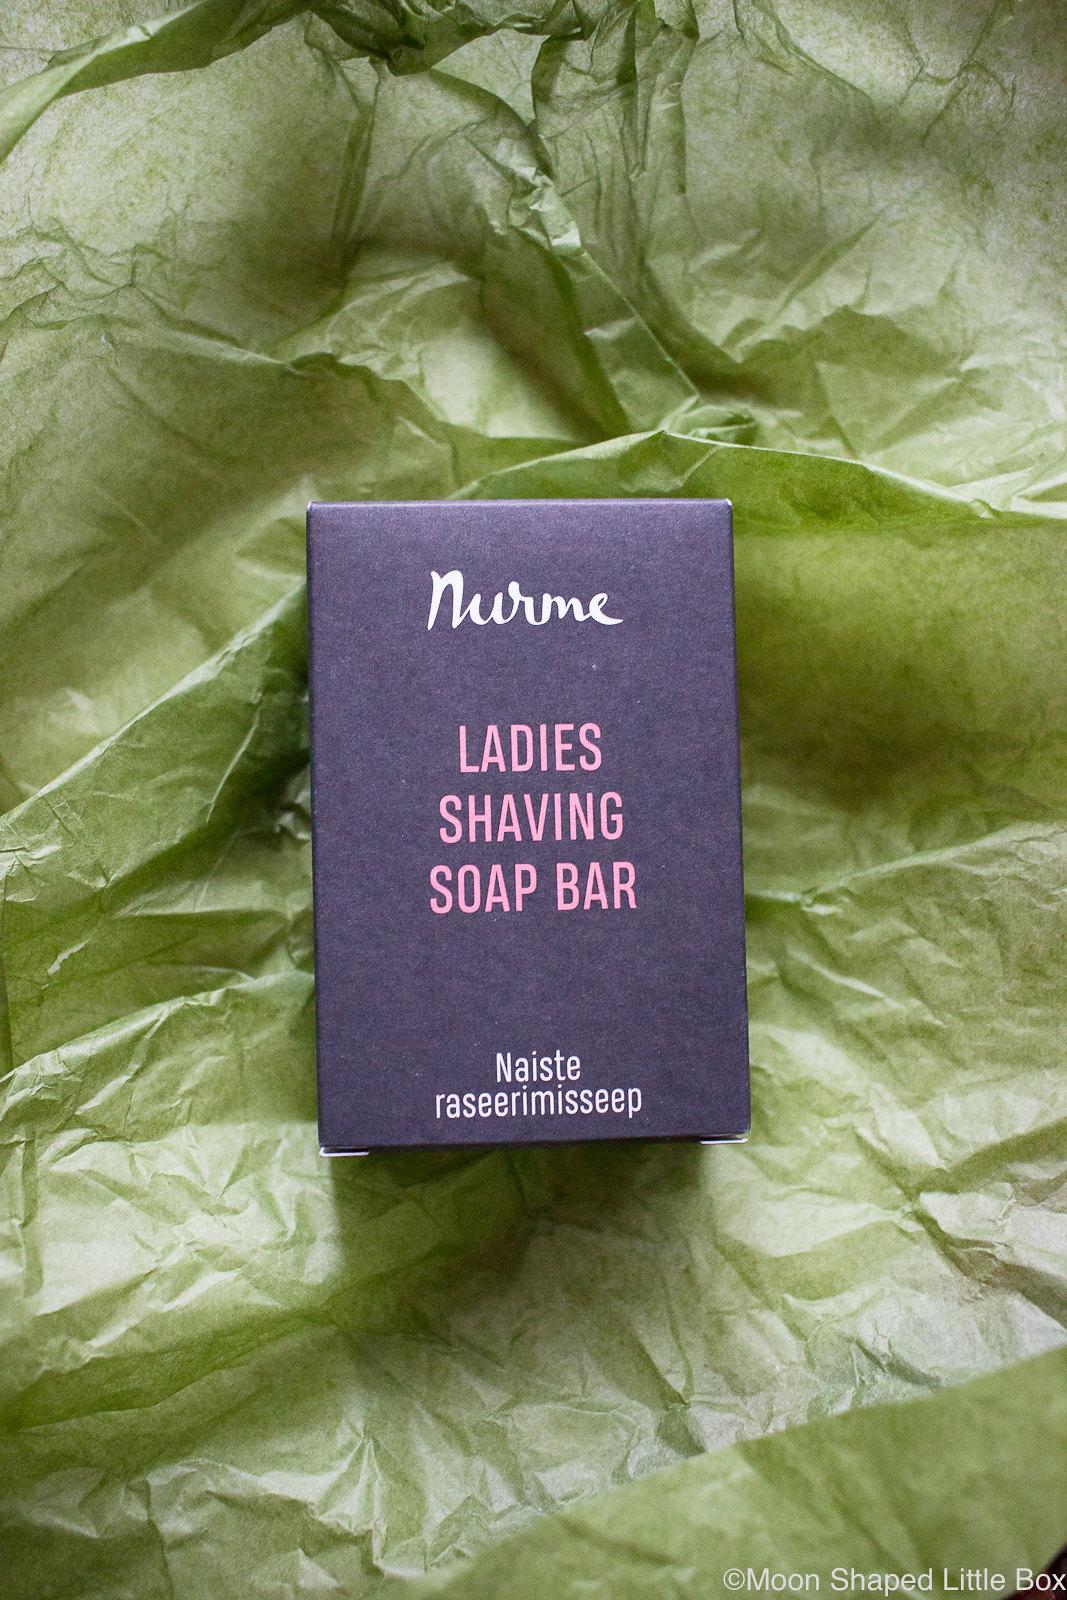 Nurme-shaving-soap-palasaippua-5